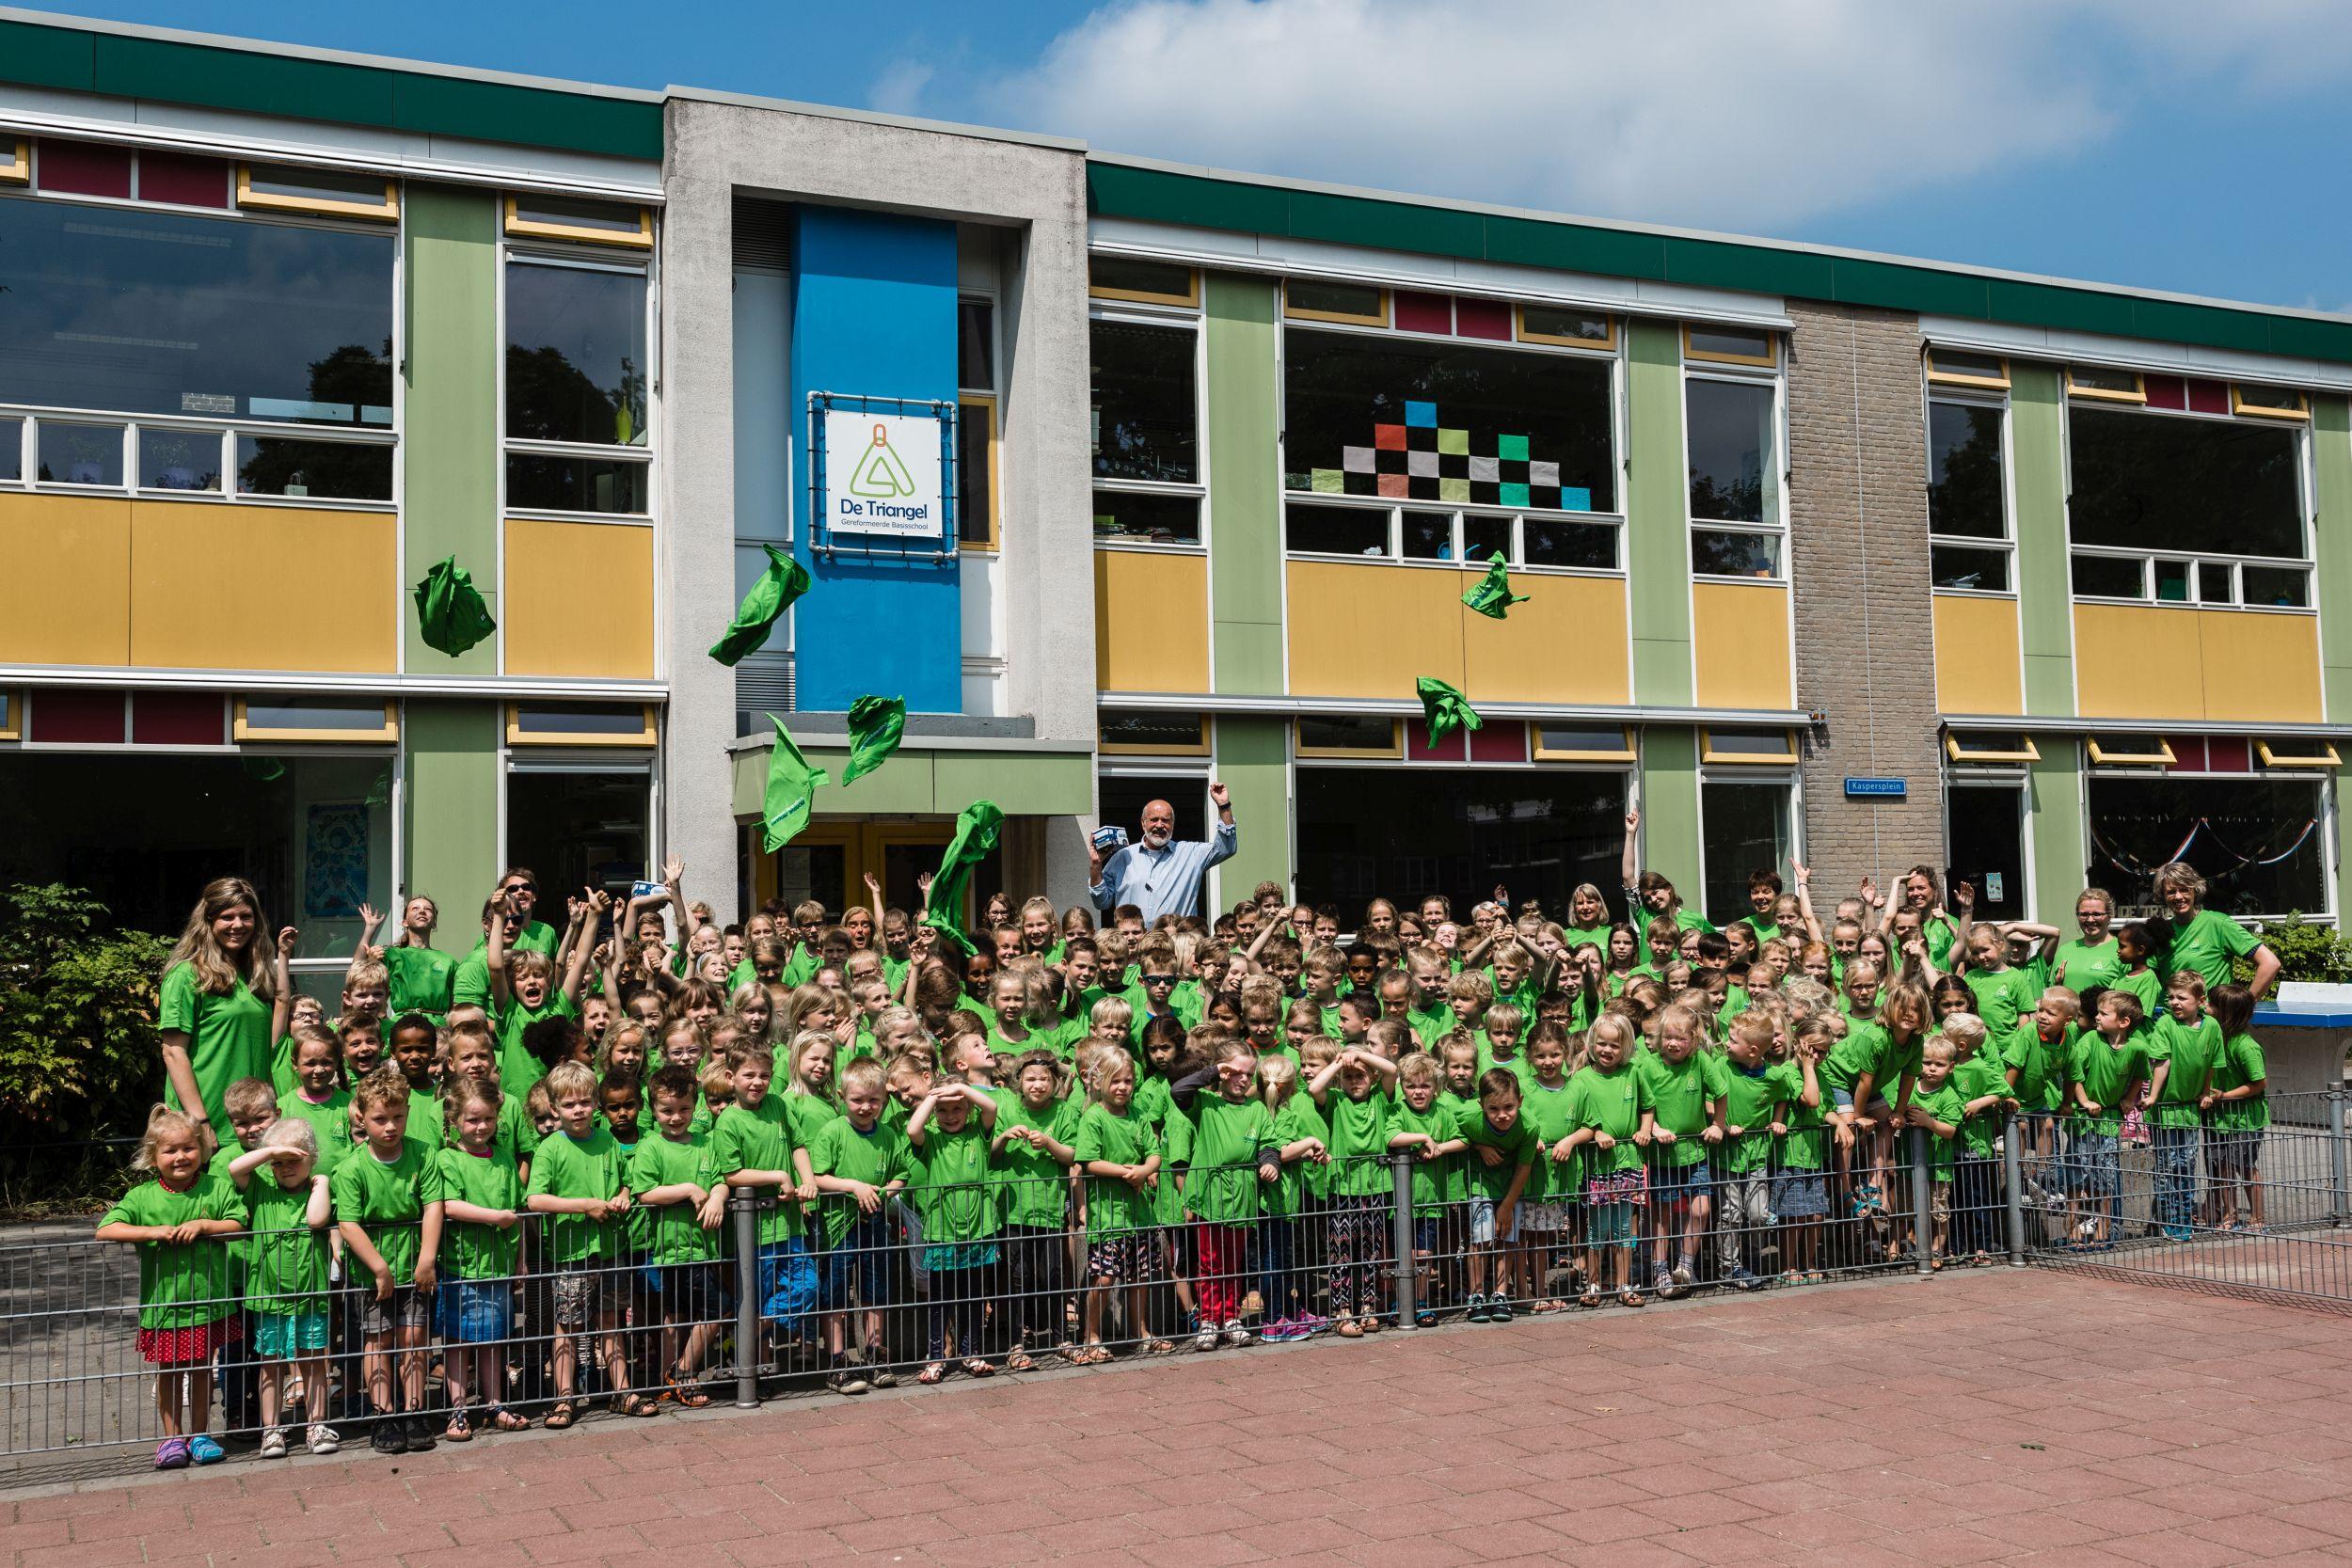 basisschool De Triangel